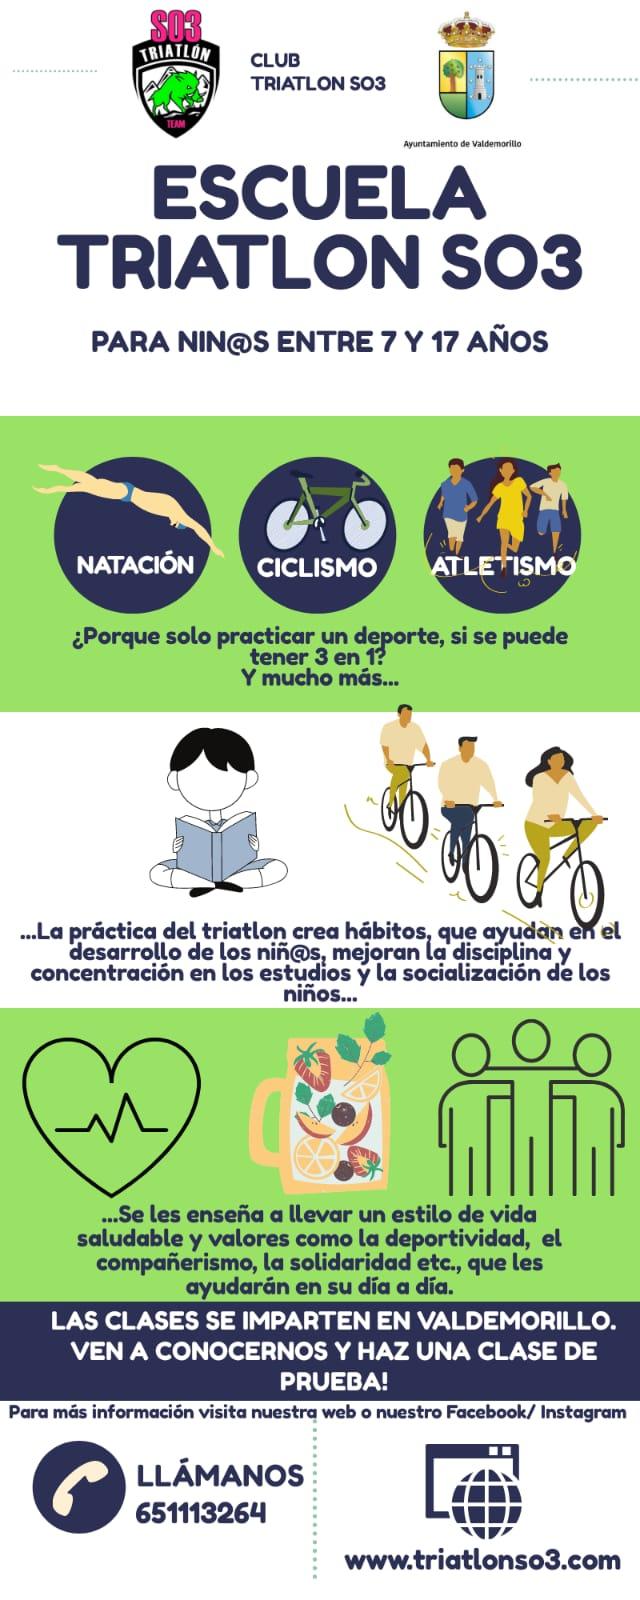 """Natación, ciclismo y atletismo,  la Escuela de Triatlón Sierra Oeste 3 ofrece lo mejor del """"tres en uno"""" en la agenda deportiva de Valdemorillo"""